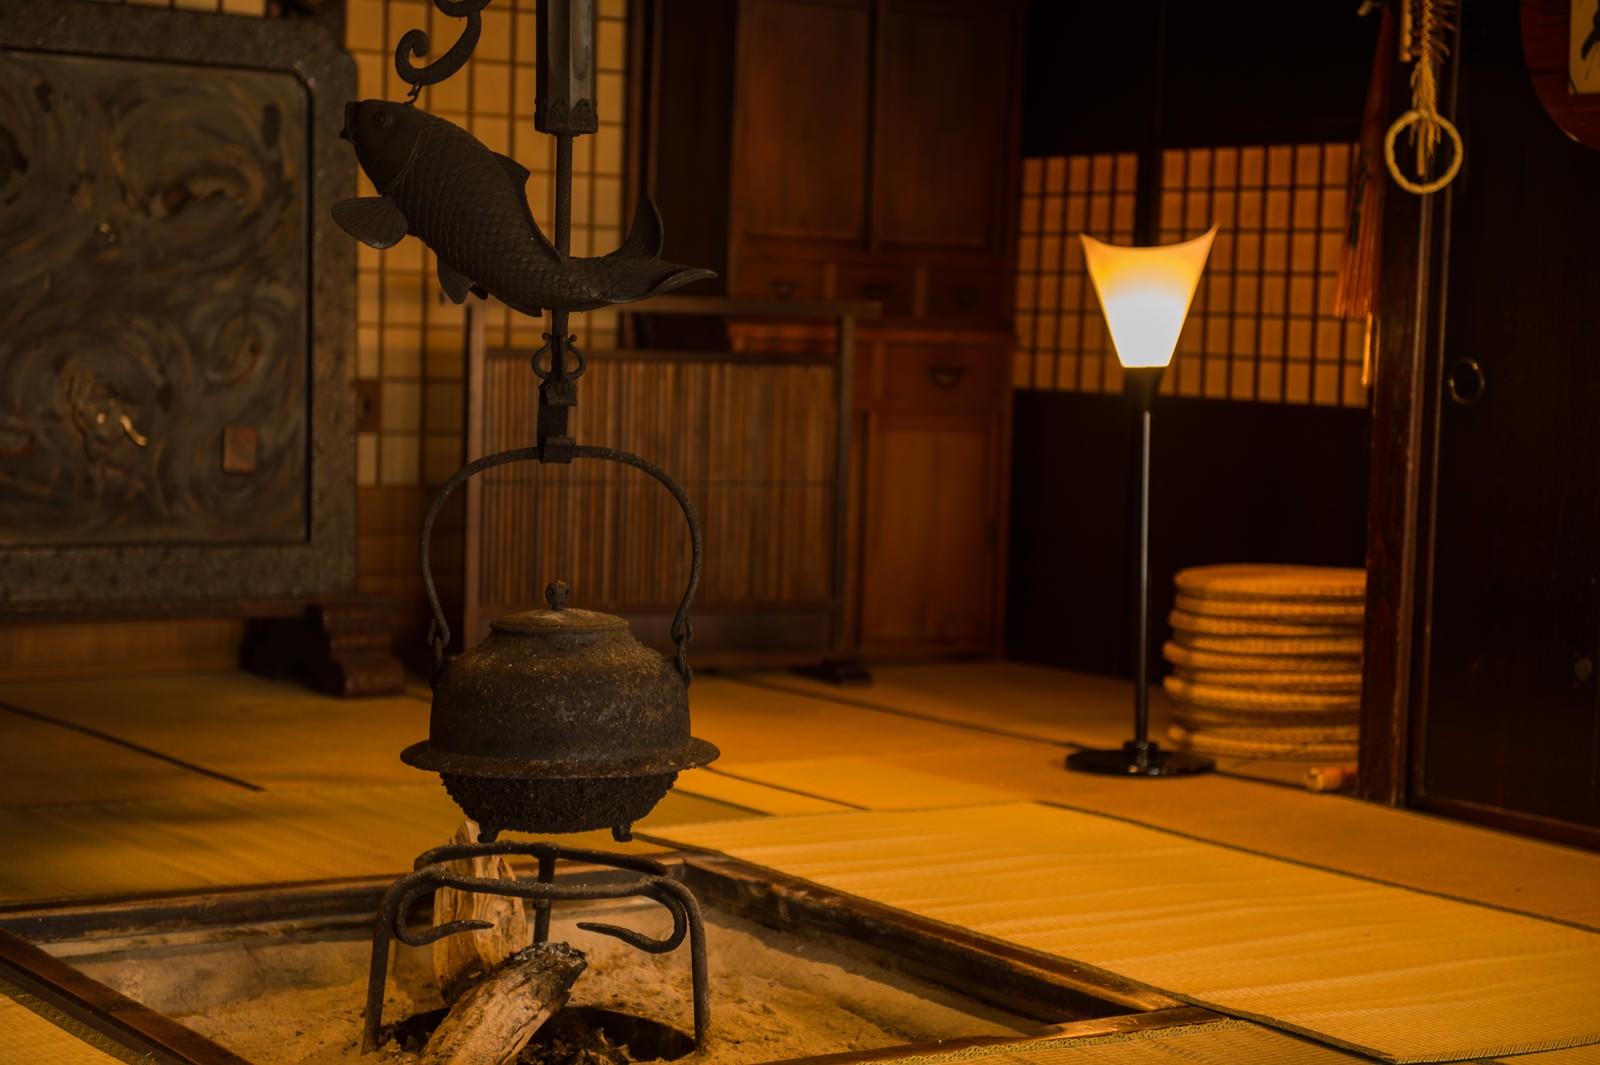 「純日本を味わえる老舗宿平湯館の旧館純日本を味わえる老舗宿平湯館の旧館」のフリー写真素材を拡大